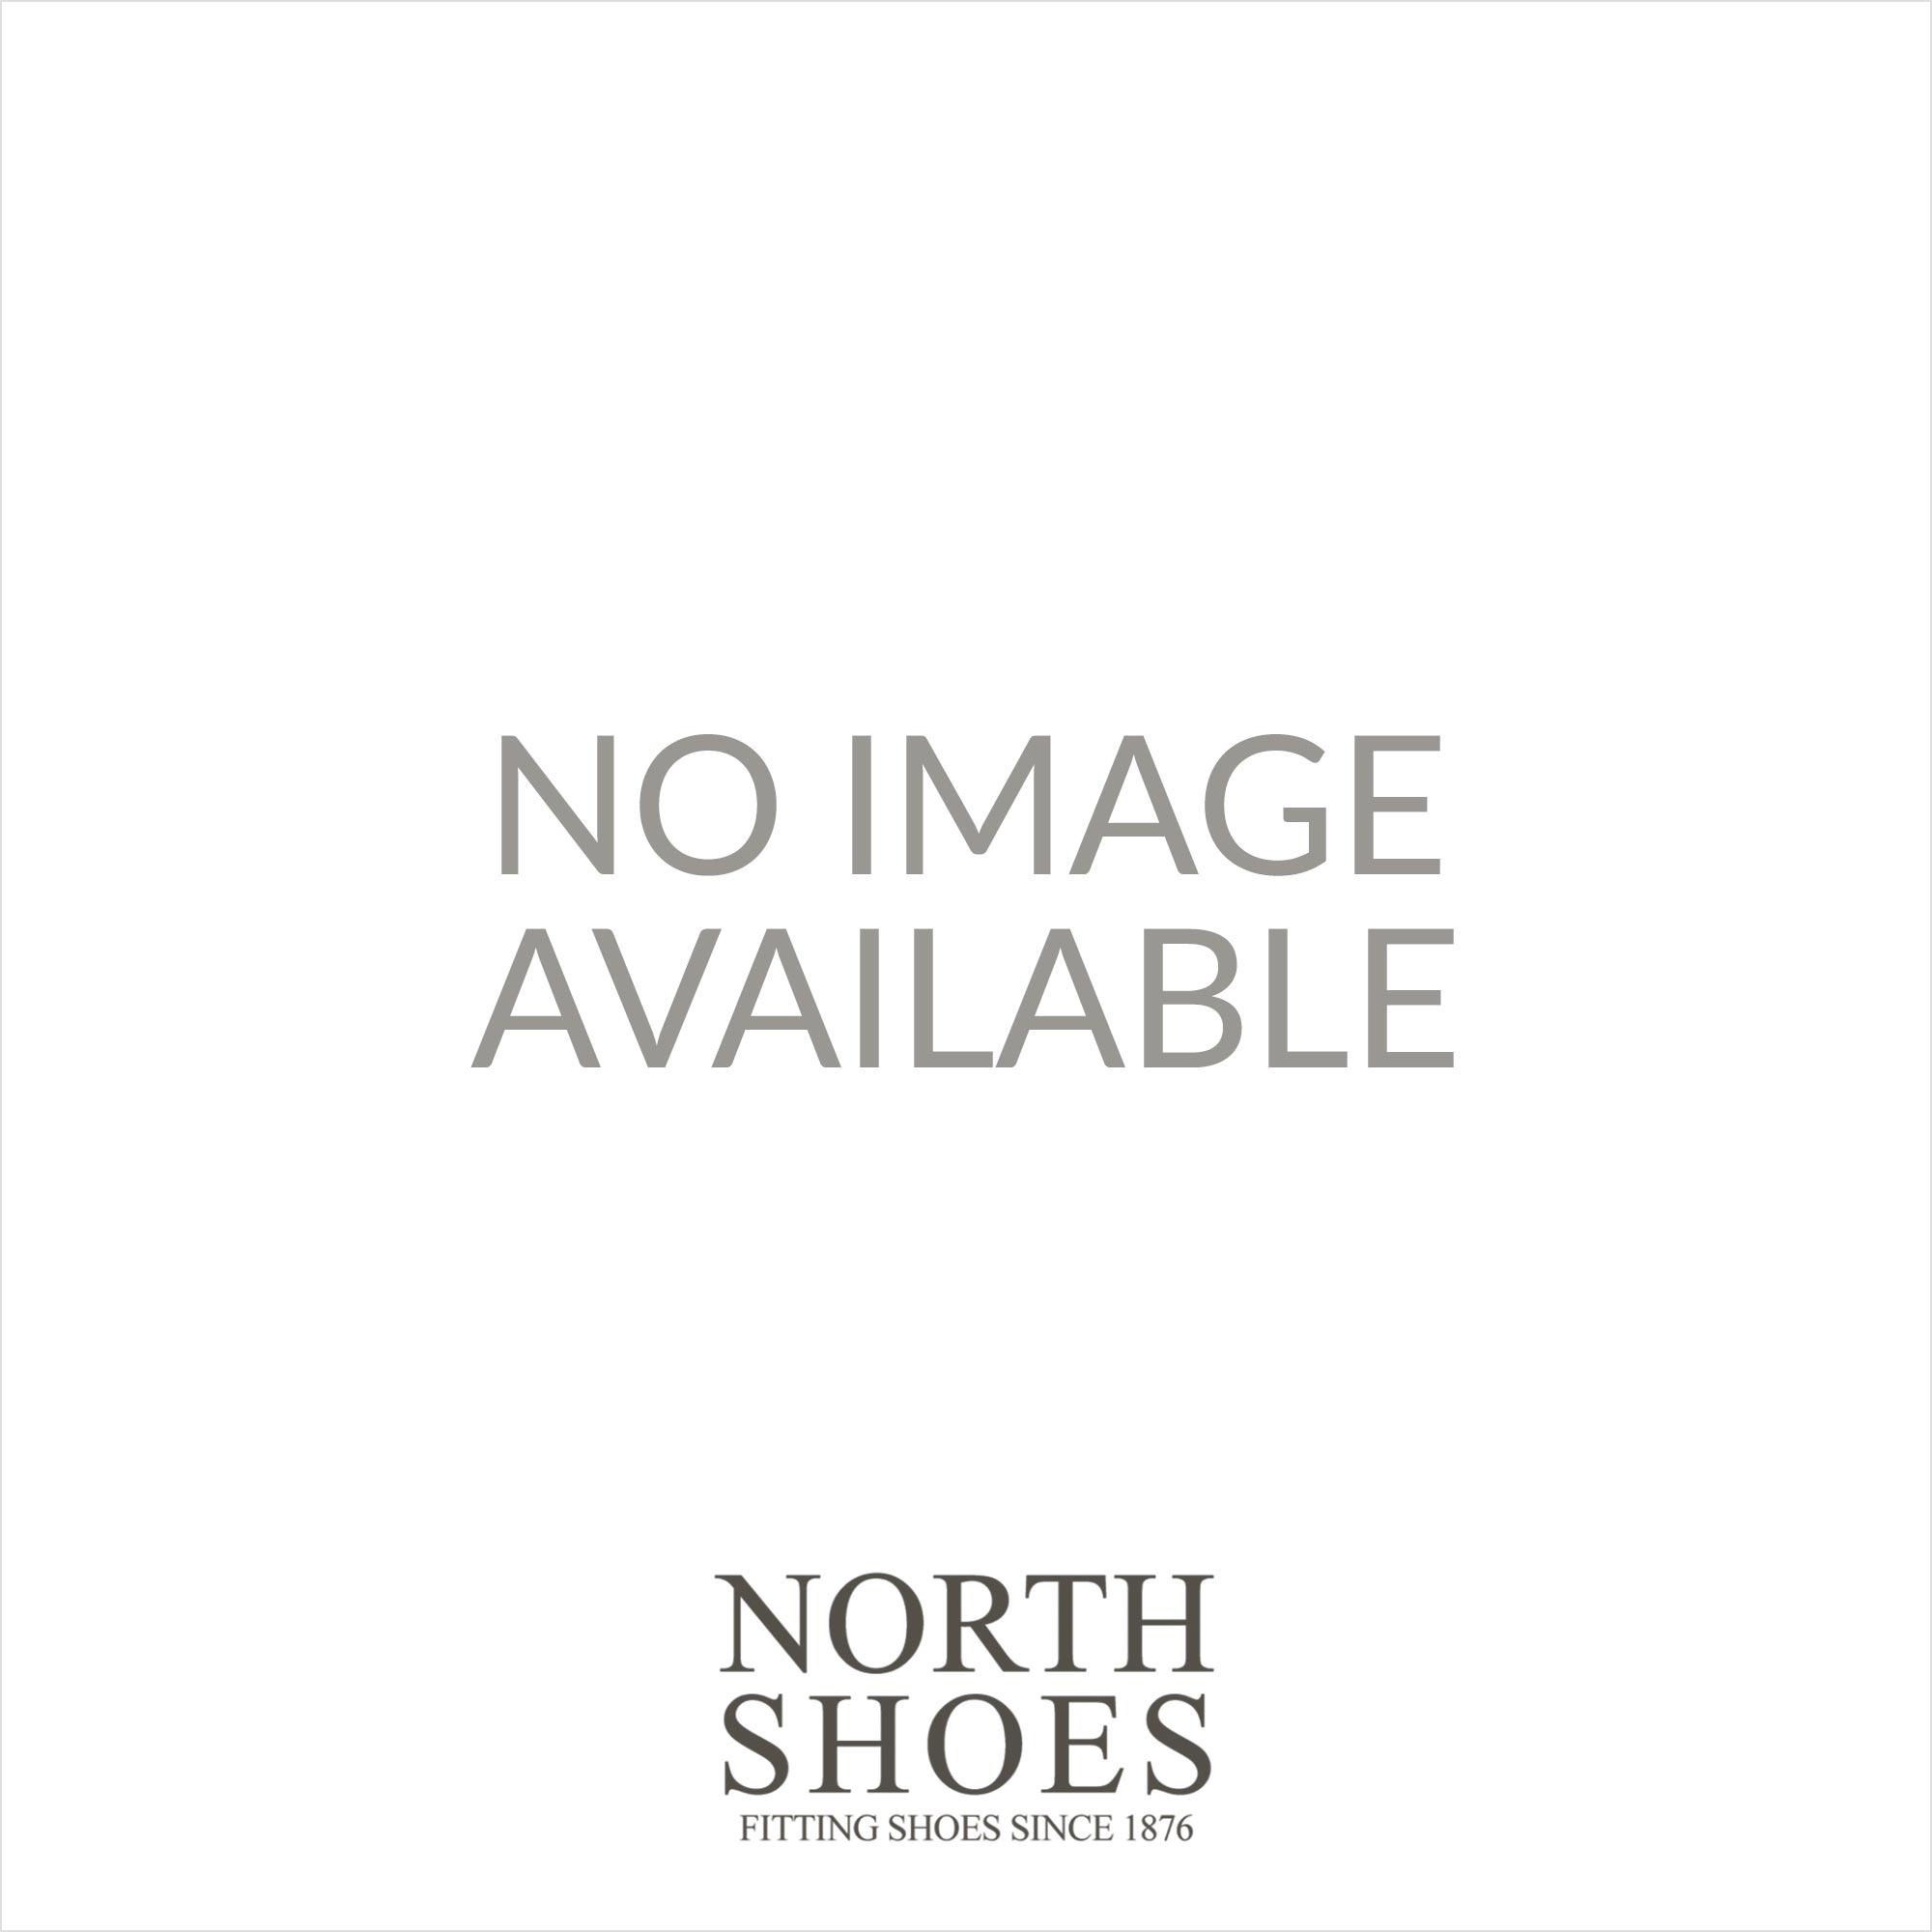 4d7d3243db6 Toni Pons Etna White Leather Womens Espadrille Sandal - UK 8